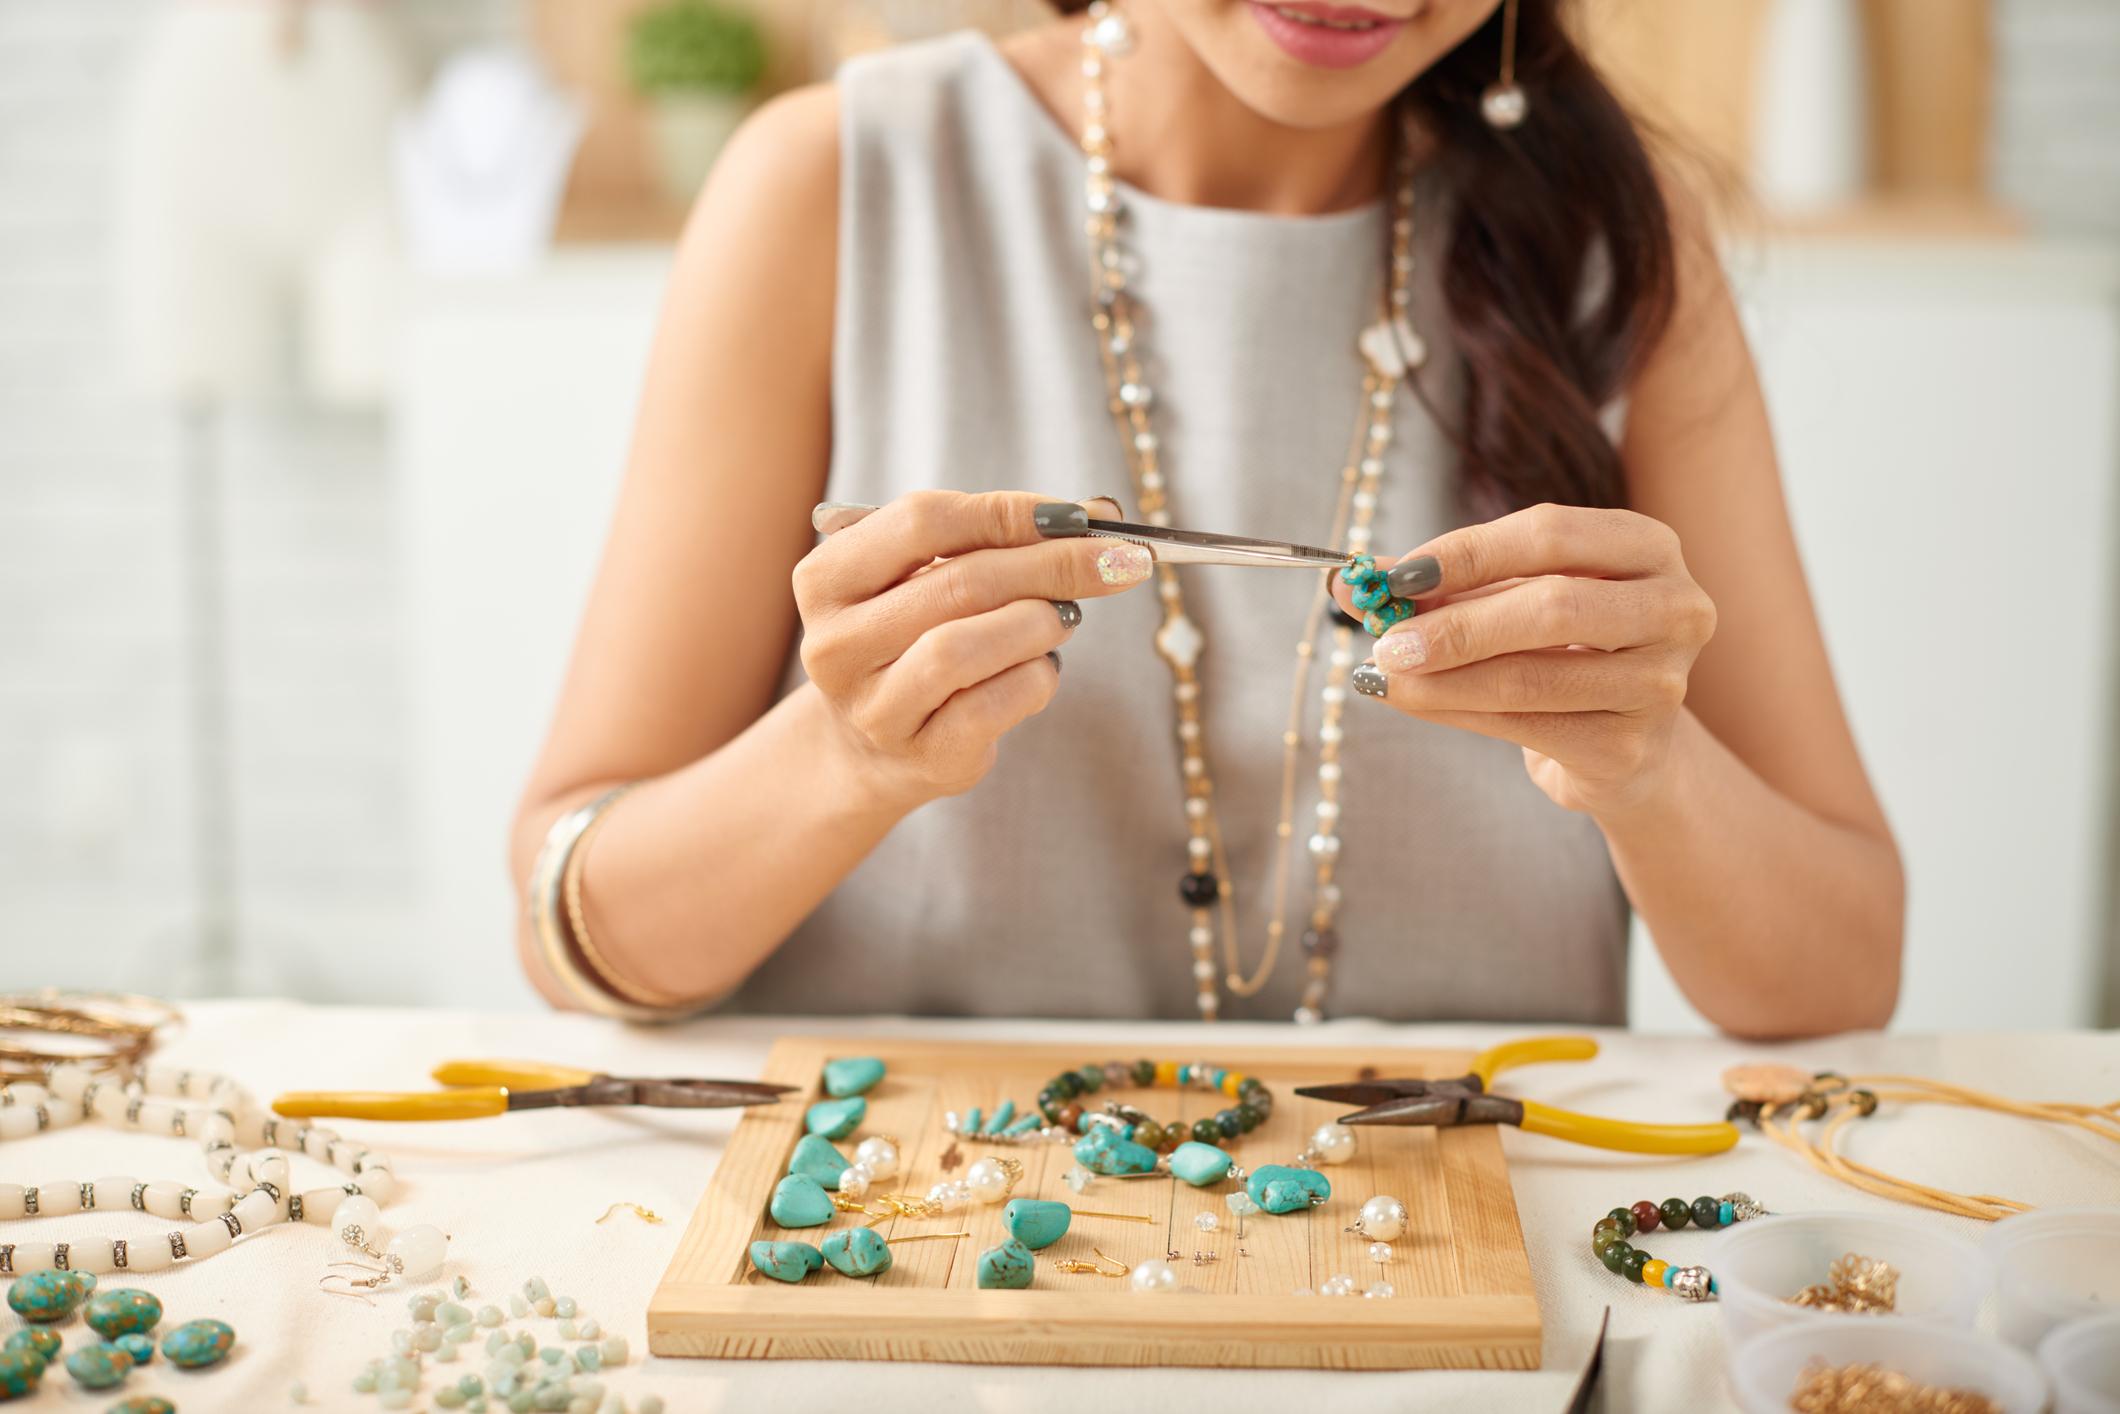 A woman making jewelry.